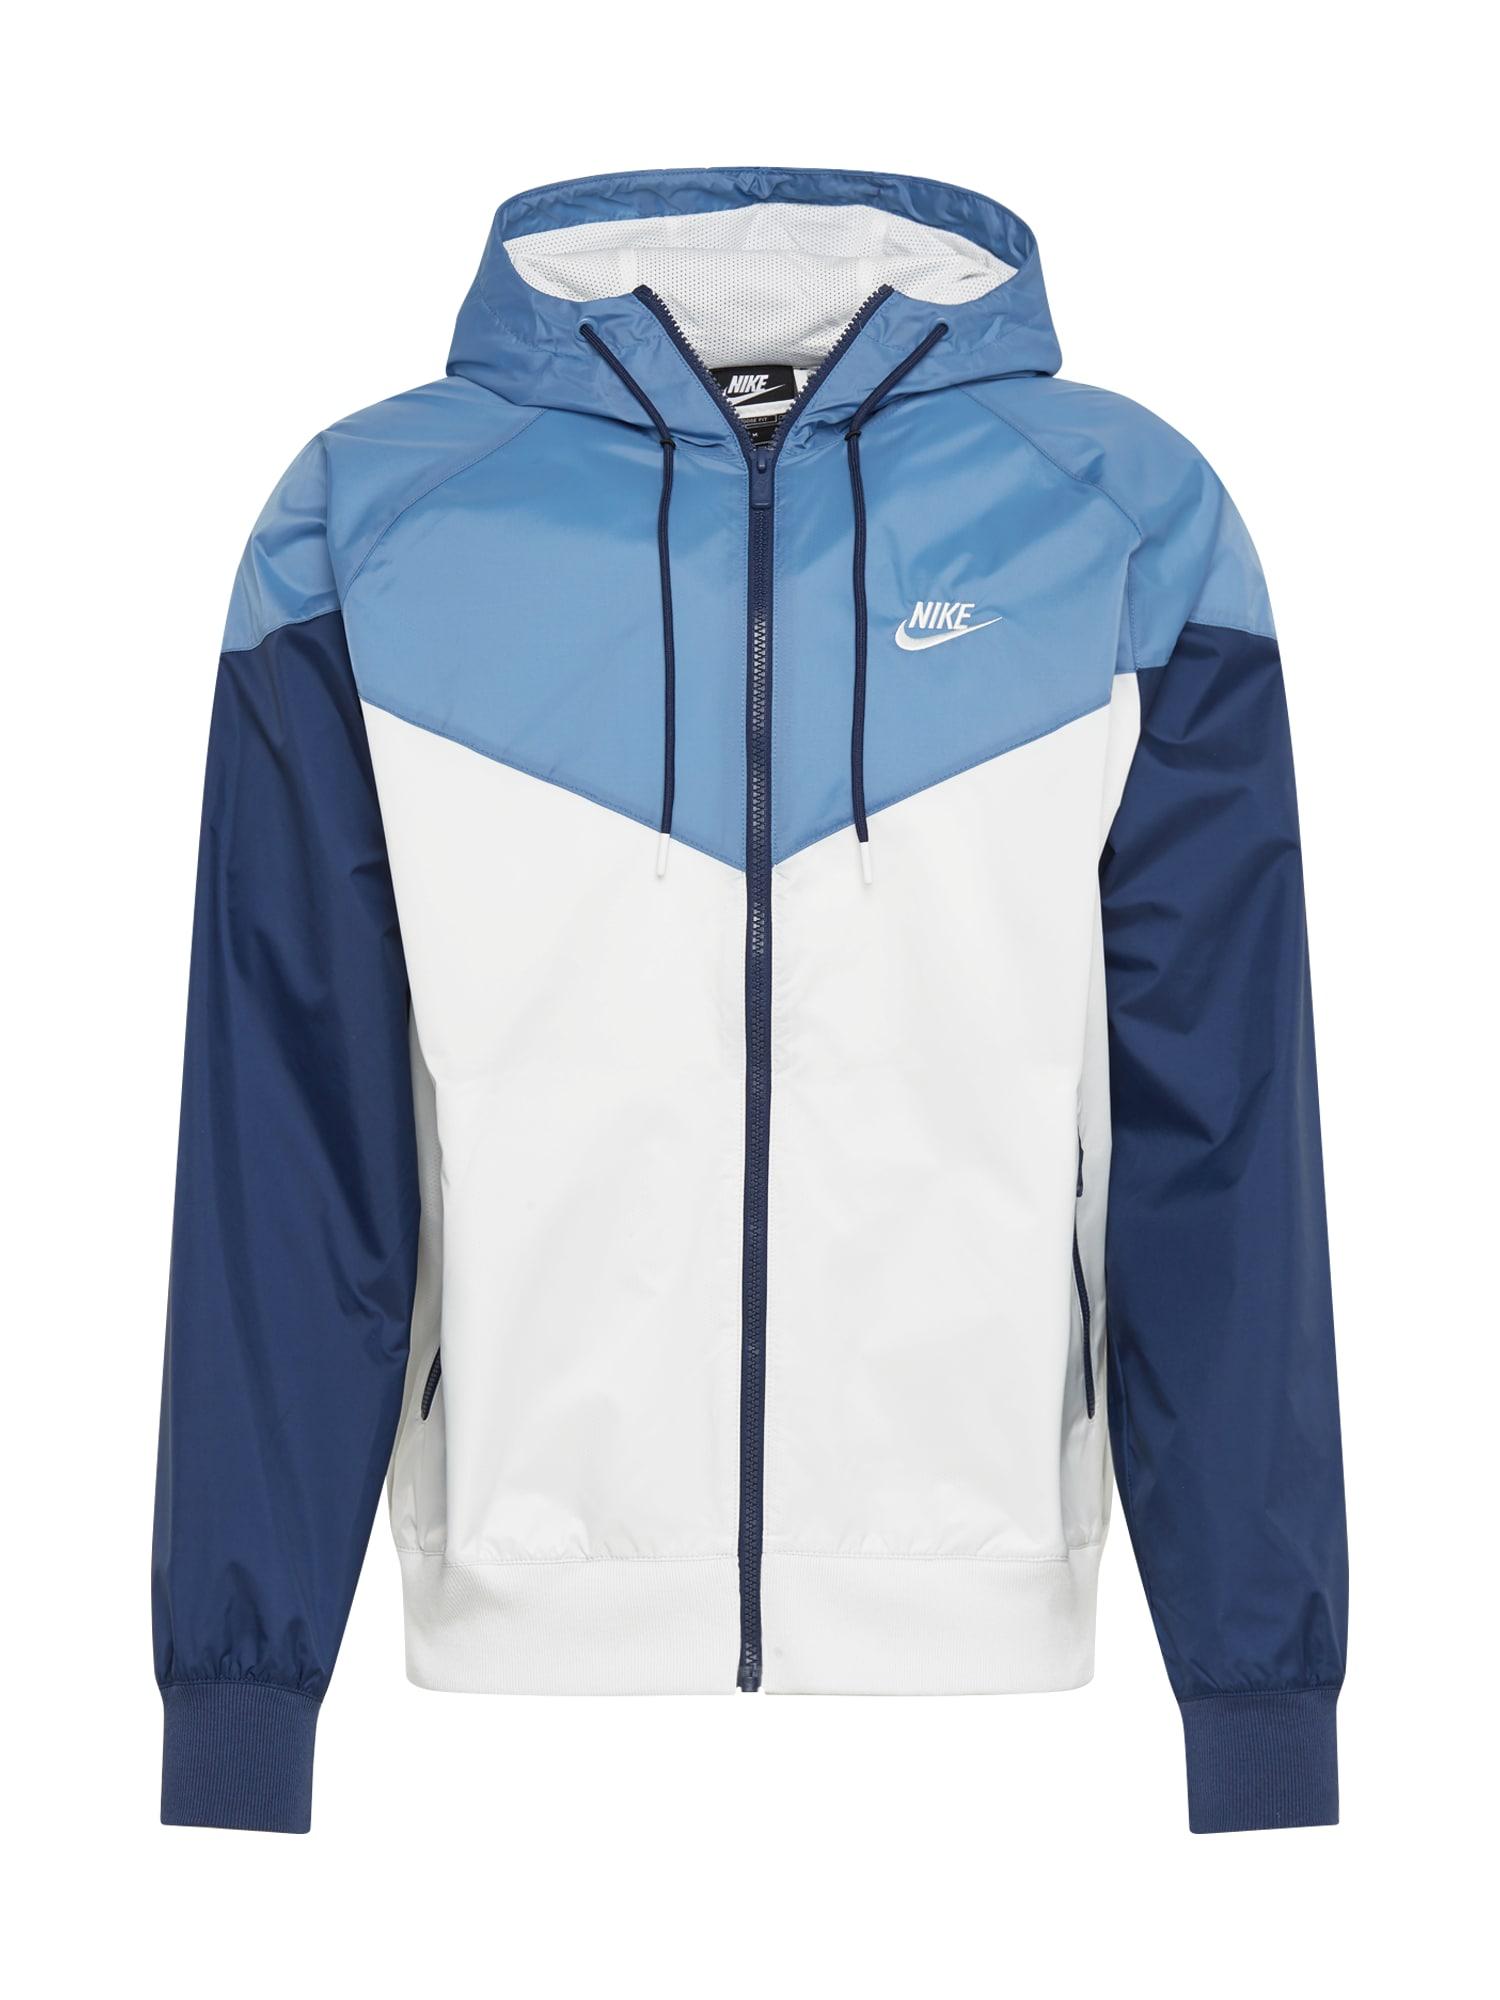 Nike Sportswear Demisezoninė striukė tamsiai mėlyna / balta / šviesiai mėlyna